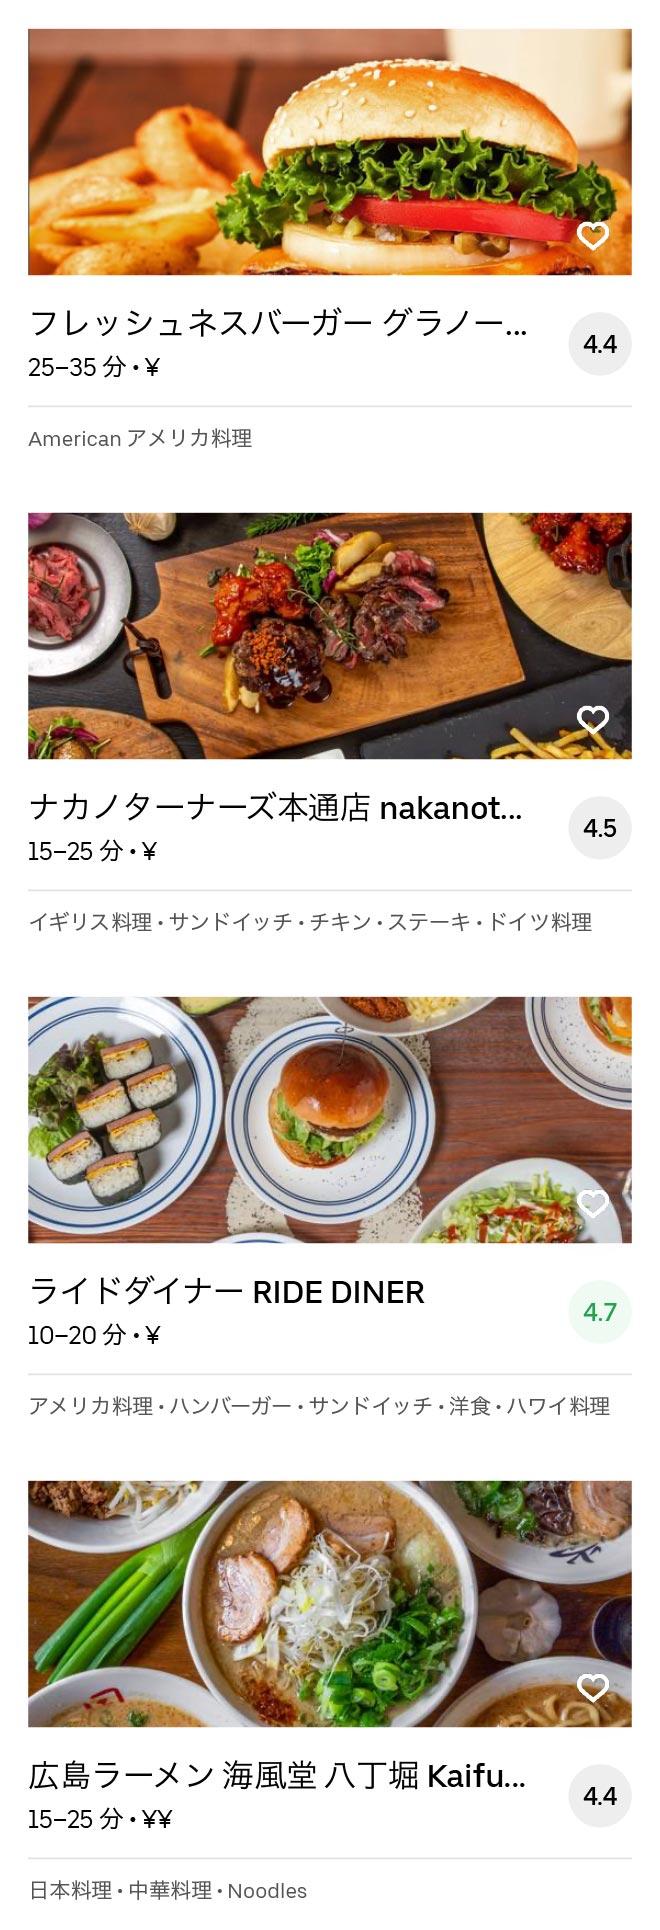 Hiroshima toukaimachi menu 2005 10